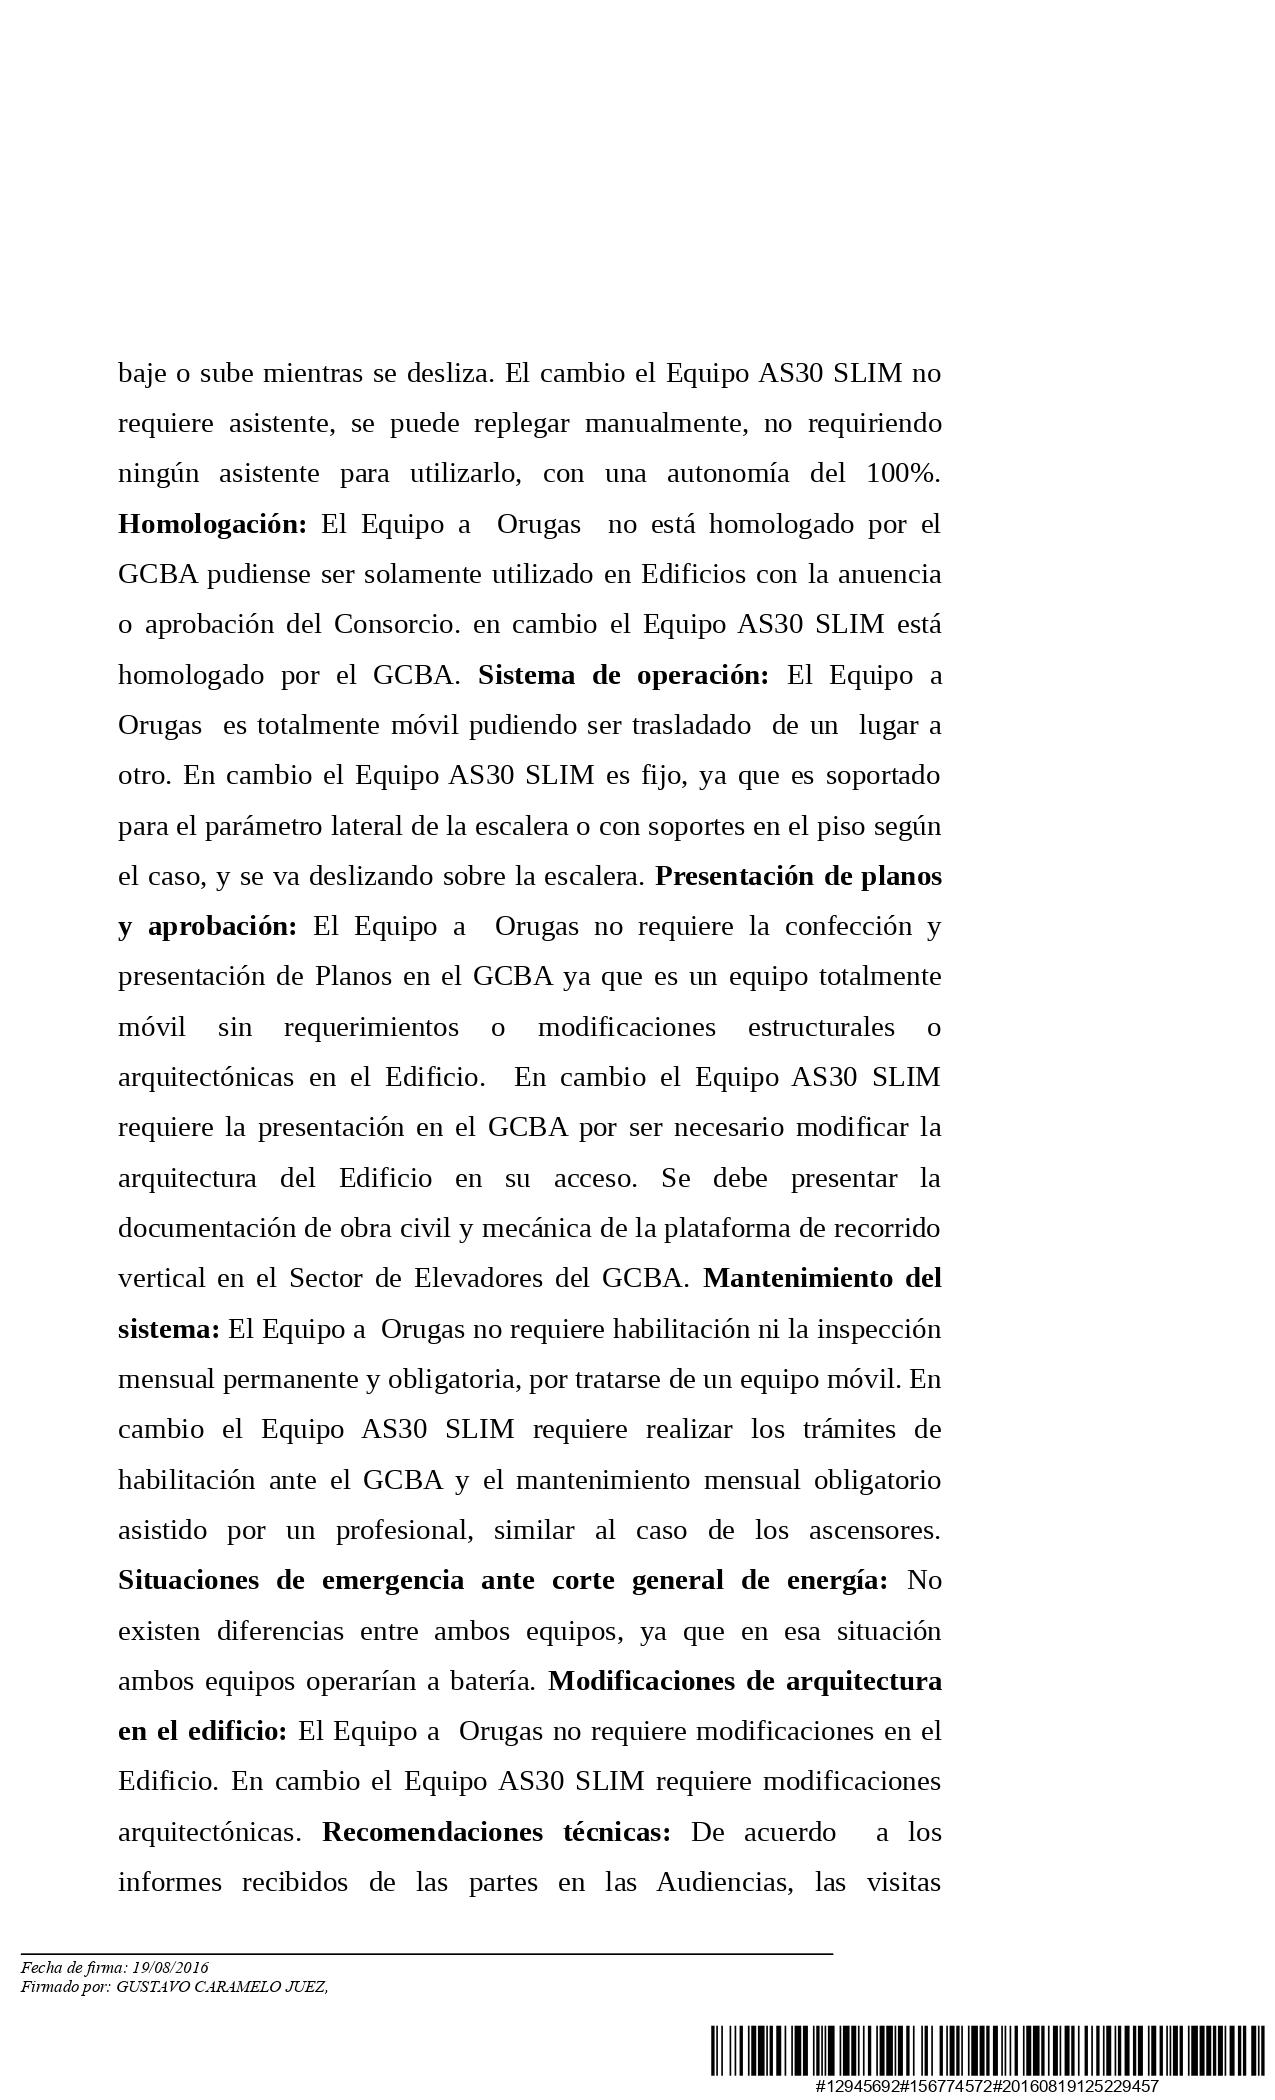 """""""BASTIDA, Susana Inés c/ CONSORCIO DE COPROPIETARIOS POSADAS 1516 s/ Amparo""""."""